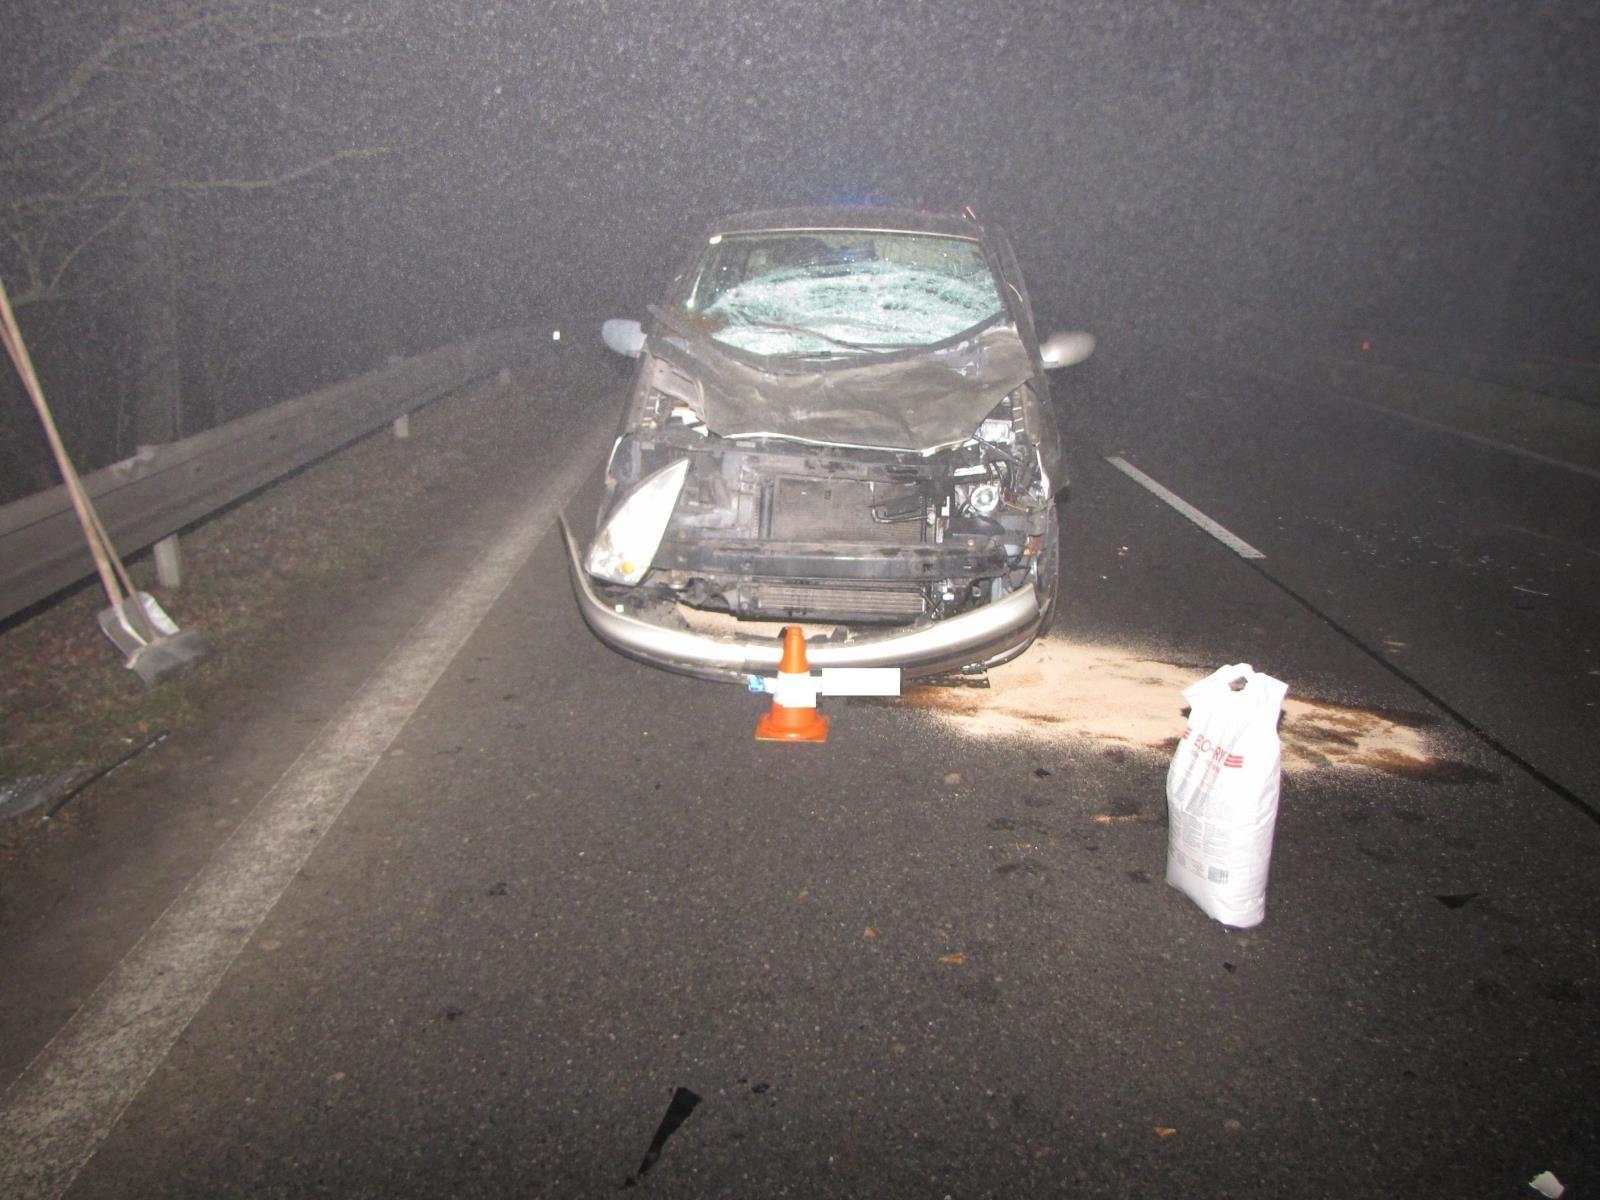 Kráva na silnici v husté mlze překvapila řidiče na Prachaticku. Zvíře střet s autem nepřežilo